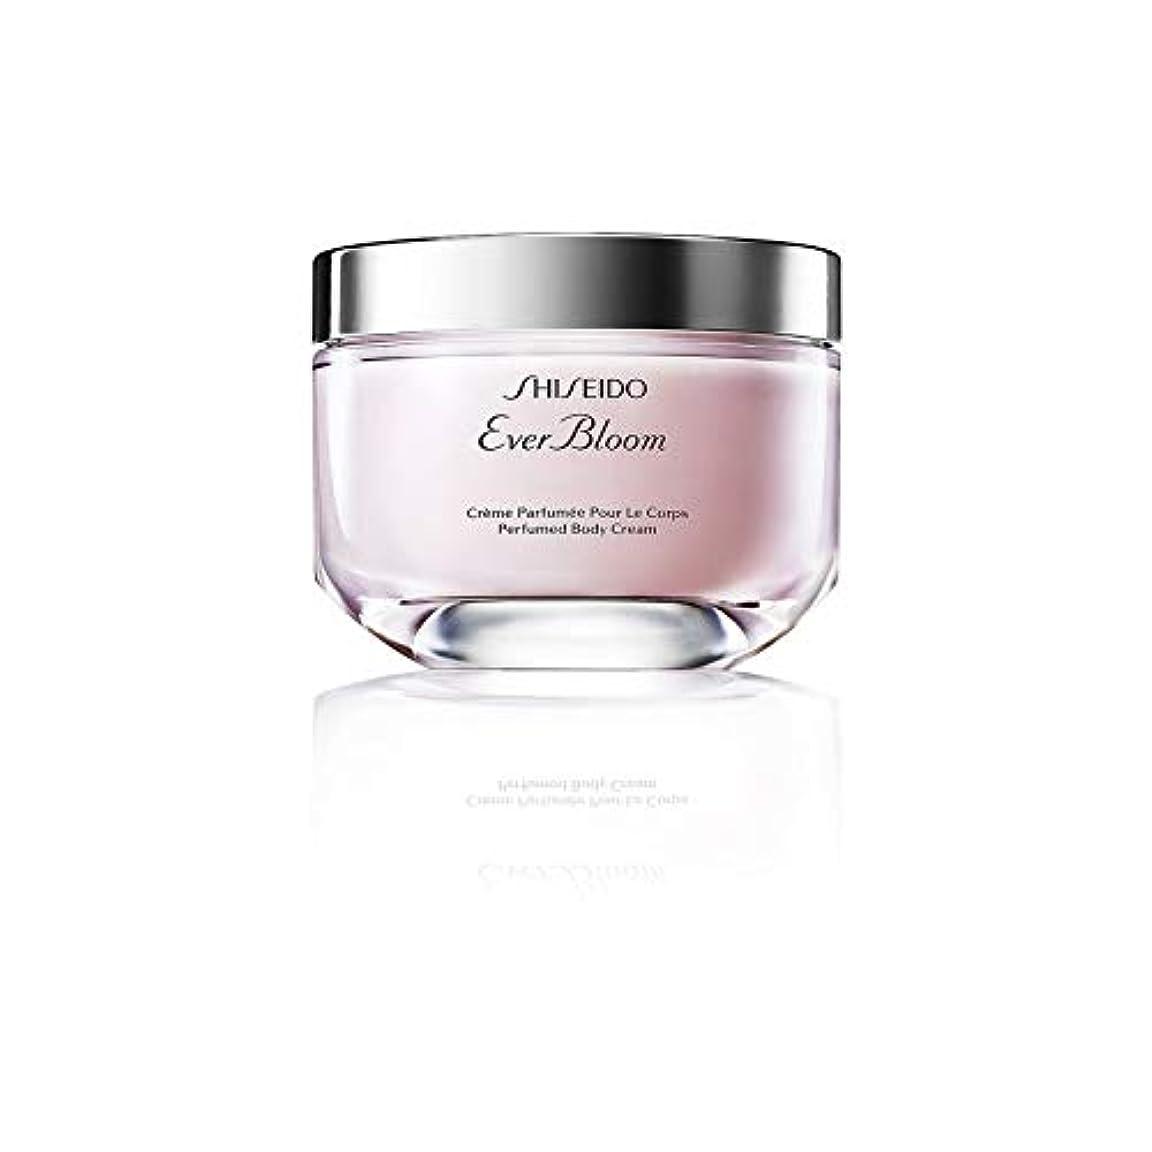 ヒューズムス再び[Shiseido] 資生堂これまでブルームボディクリーム(30ミリリットル) - Shiseido Ever Bloom Body Cream (30ml) [並行輸入品]